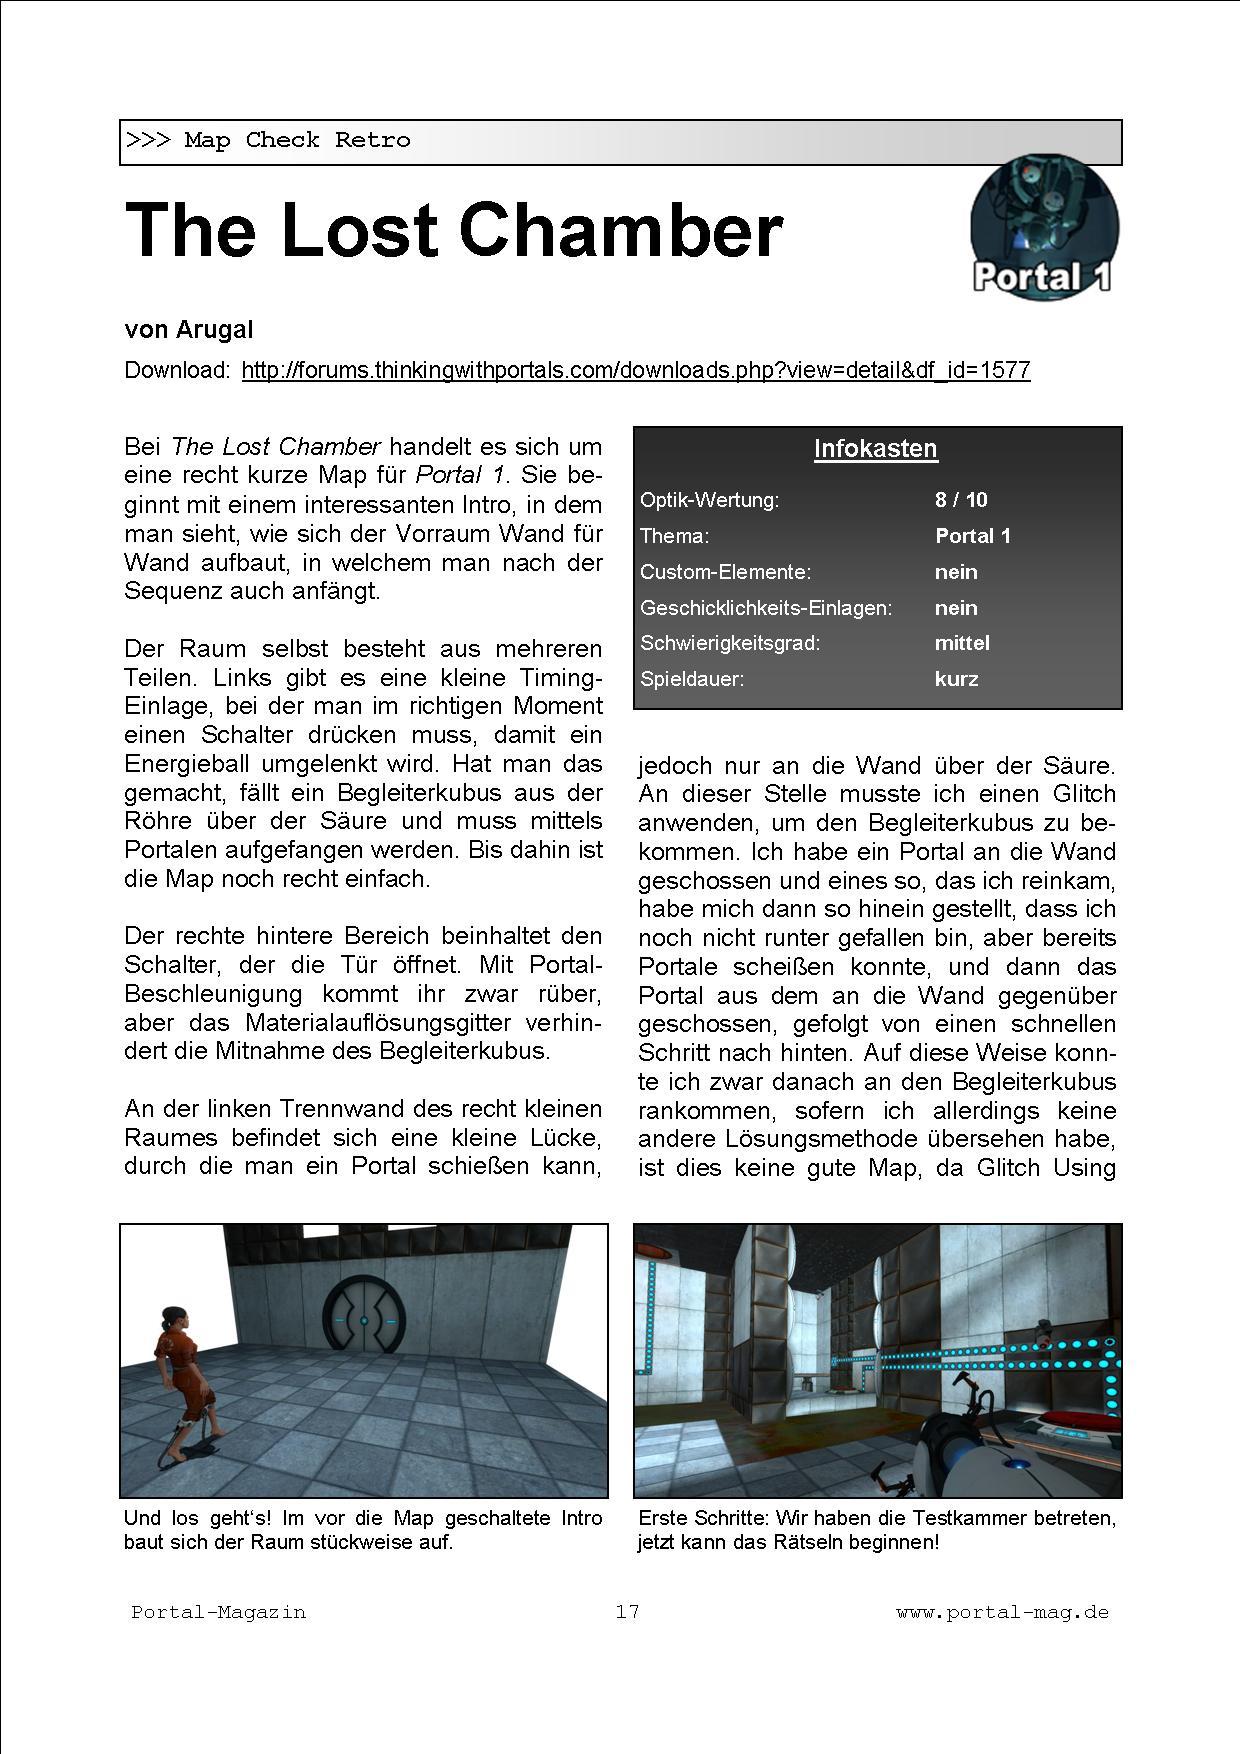 Ausgabe 12, Seite 17